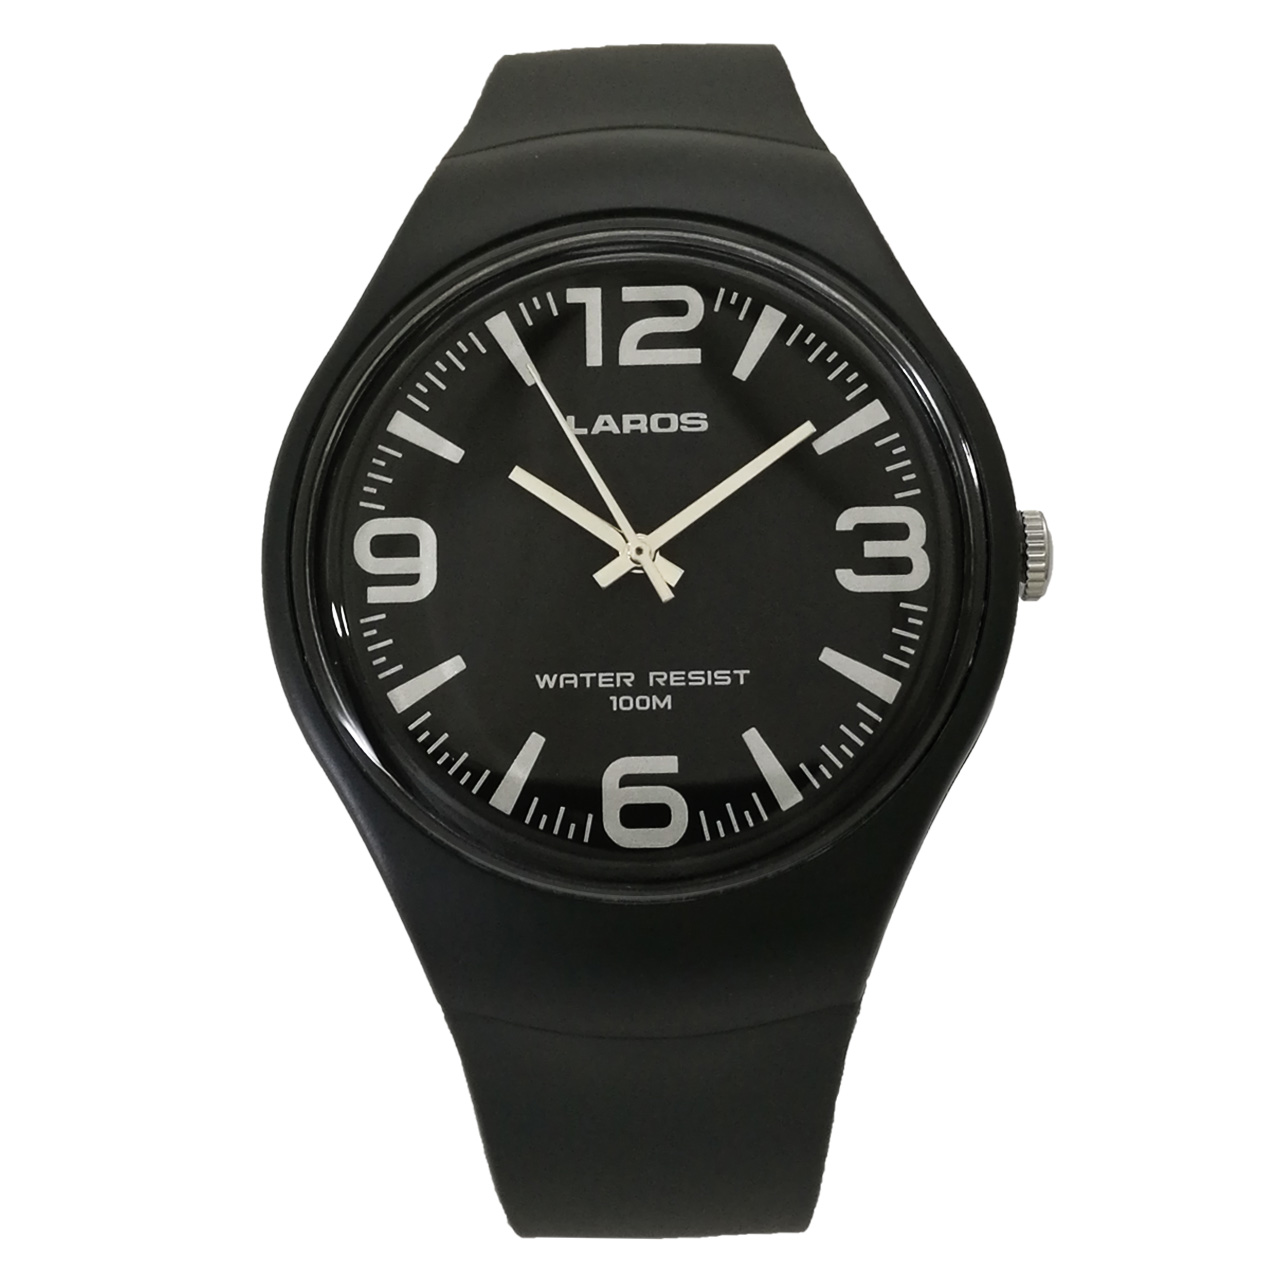 ساعت مچی عقربه ای مردانه لاروس مدل 1216-aq1066a 45